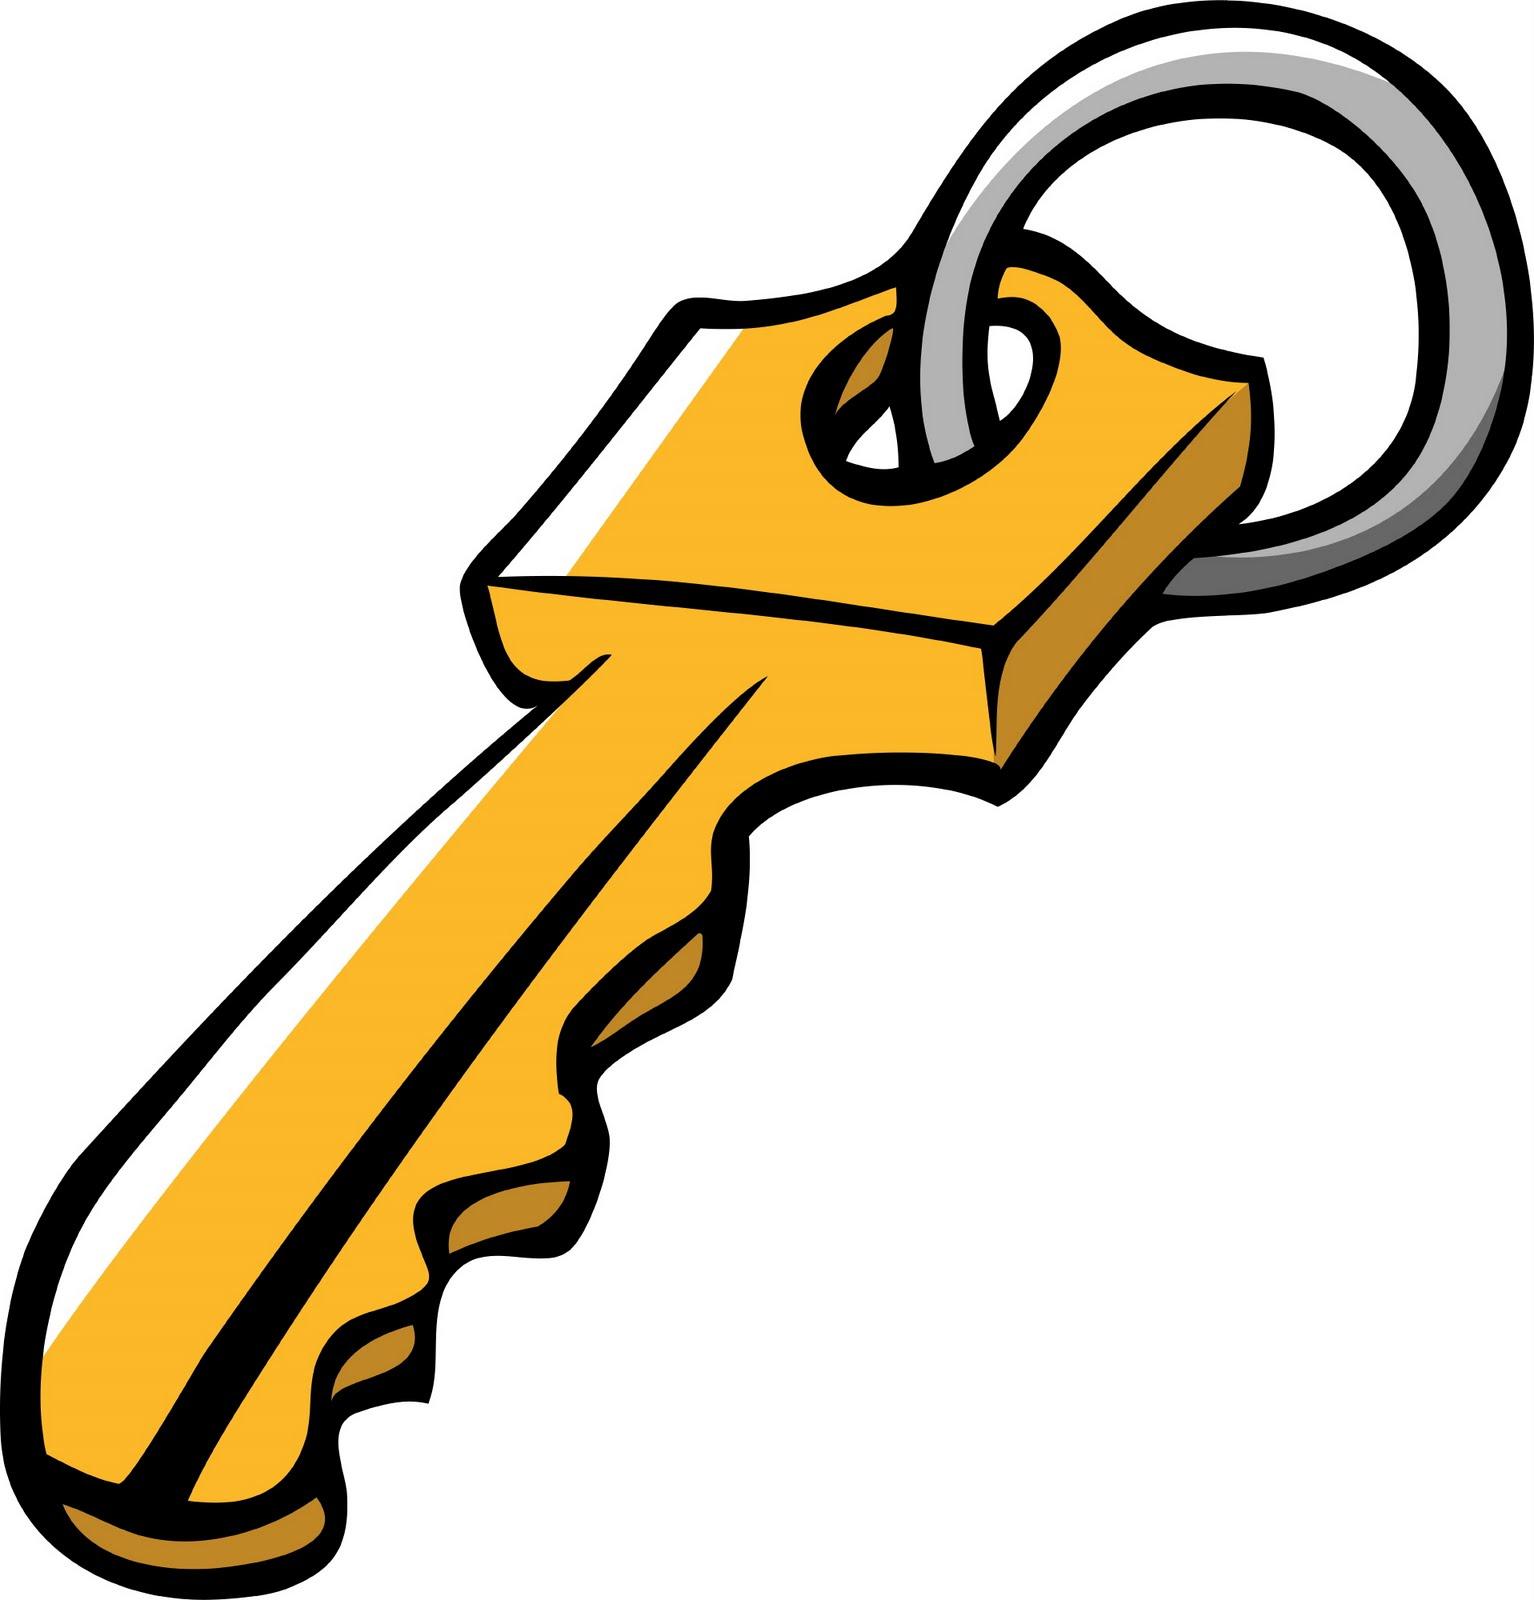 Door key clipart clipart kid.